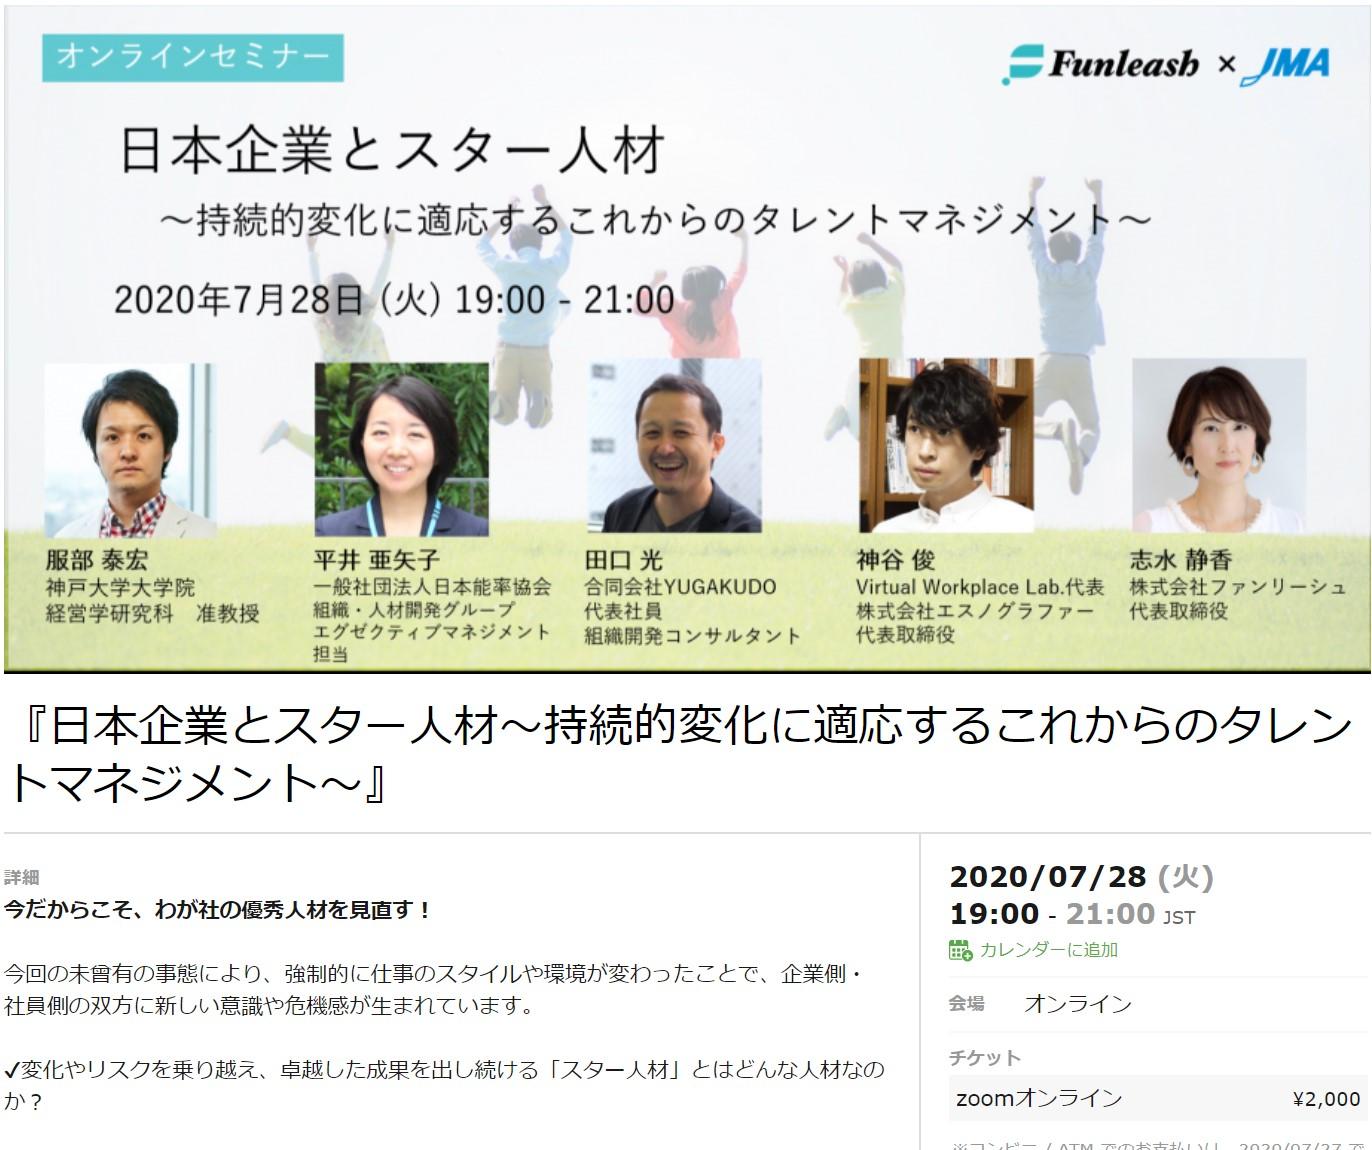 2020-07-28 ファンリーシュイベント:日本企業とスター人材~持続的変化に適応するこれからのタレントマネジメント~